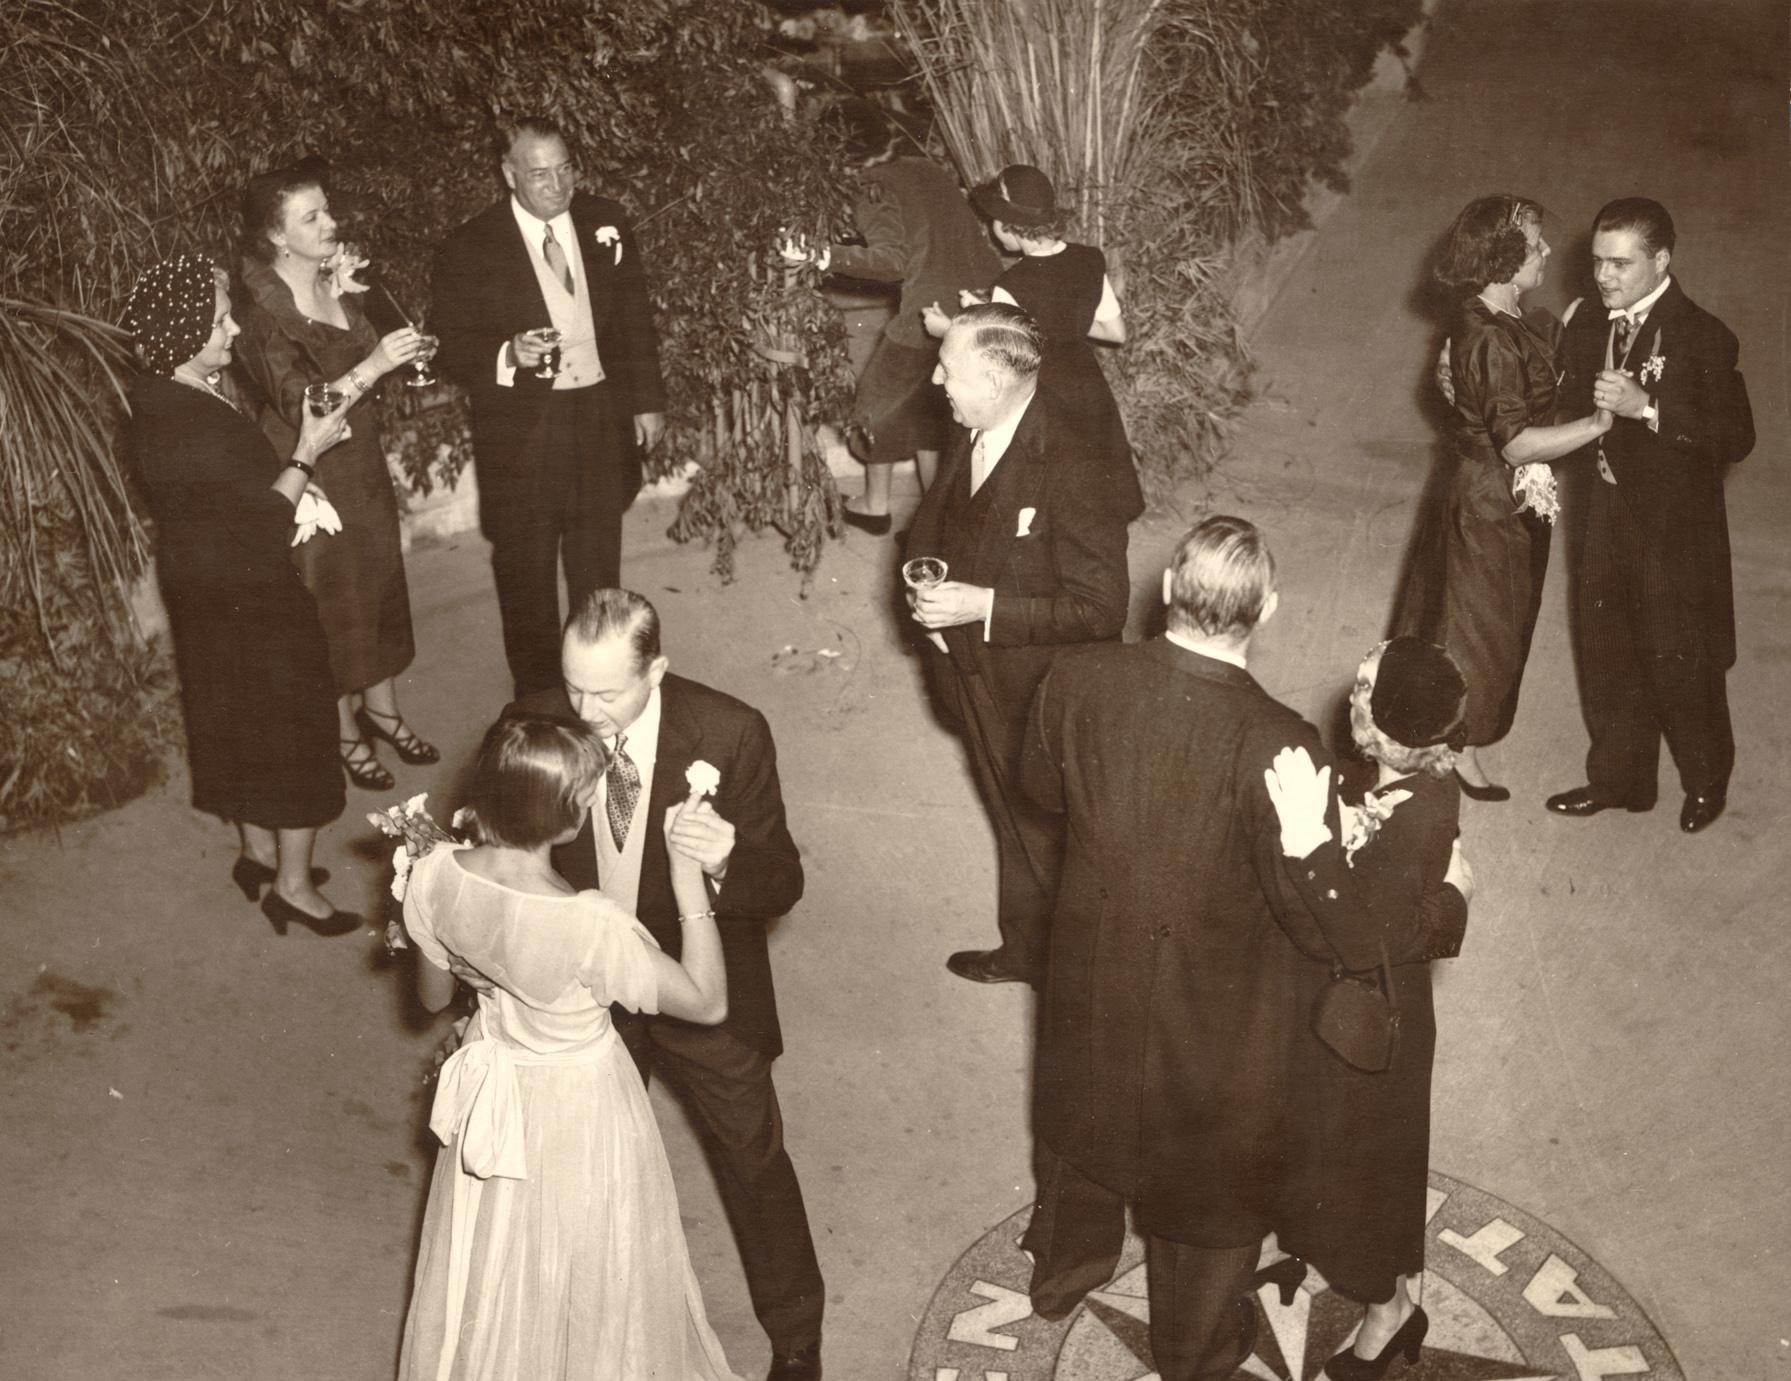 The Ellin Roebling-Donnell Watkins wedding in 1950.